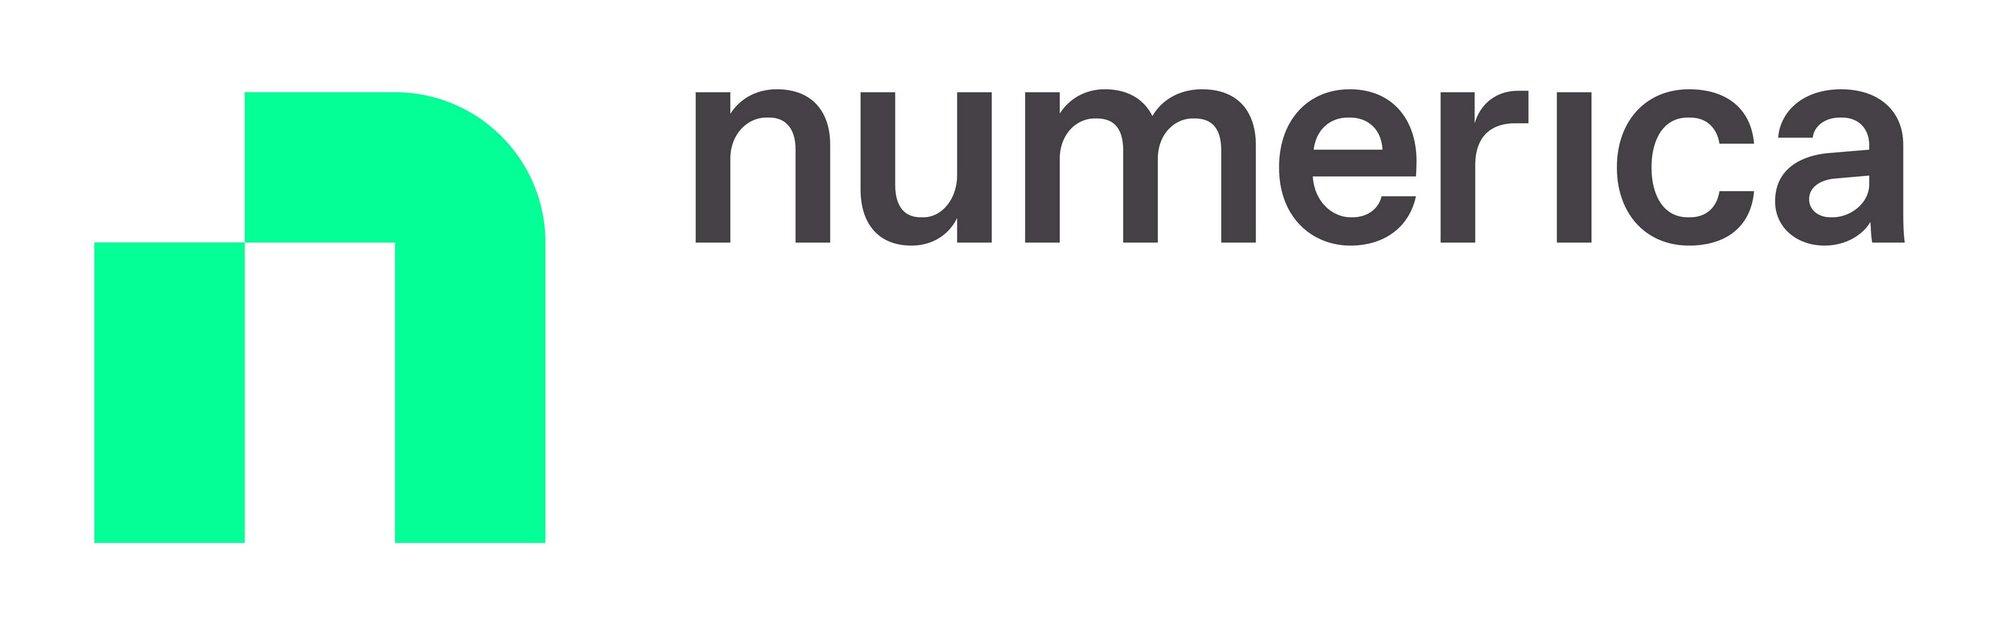 Referenz von Numerica